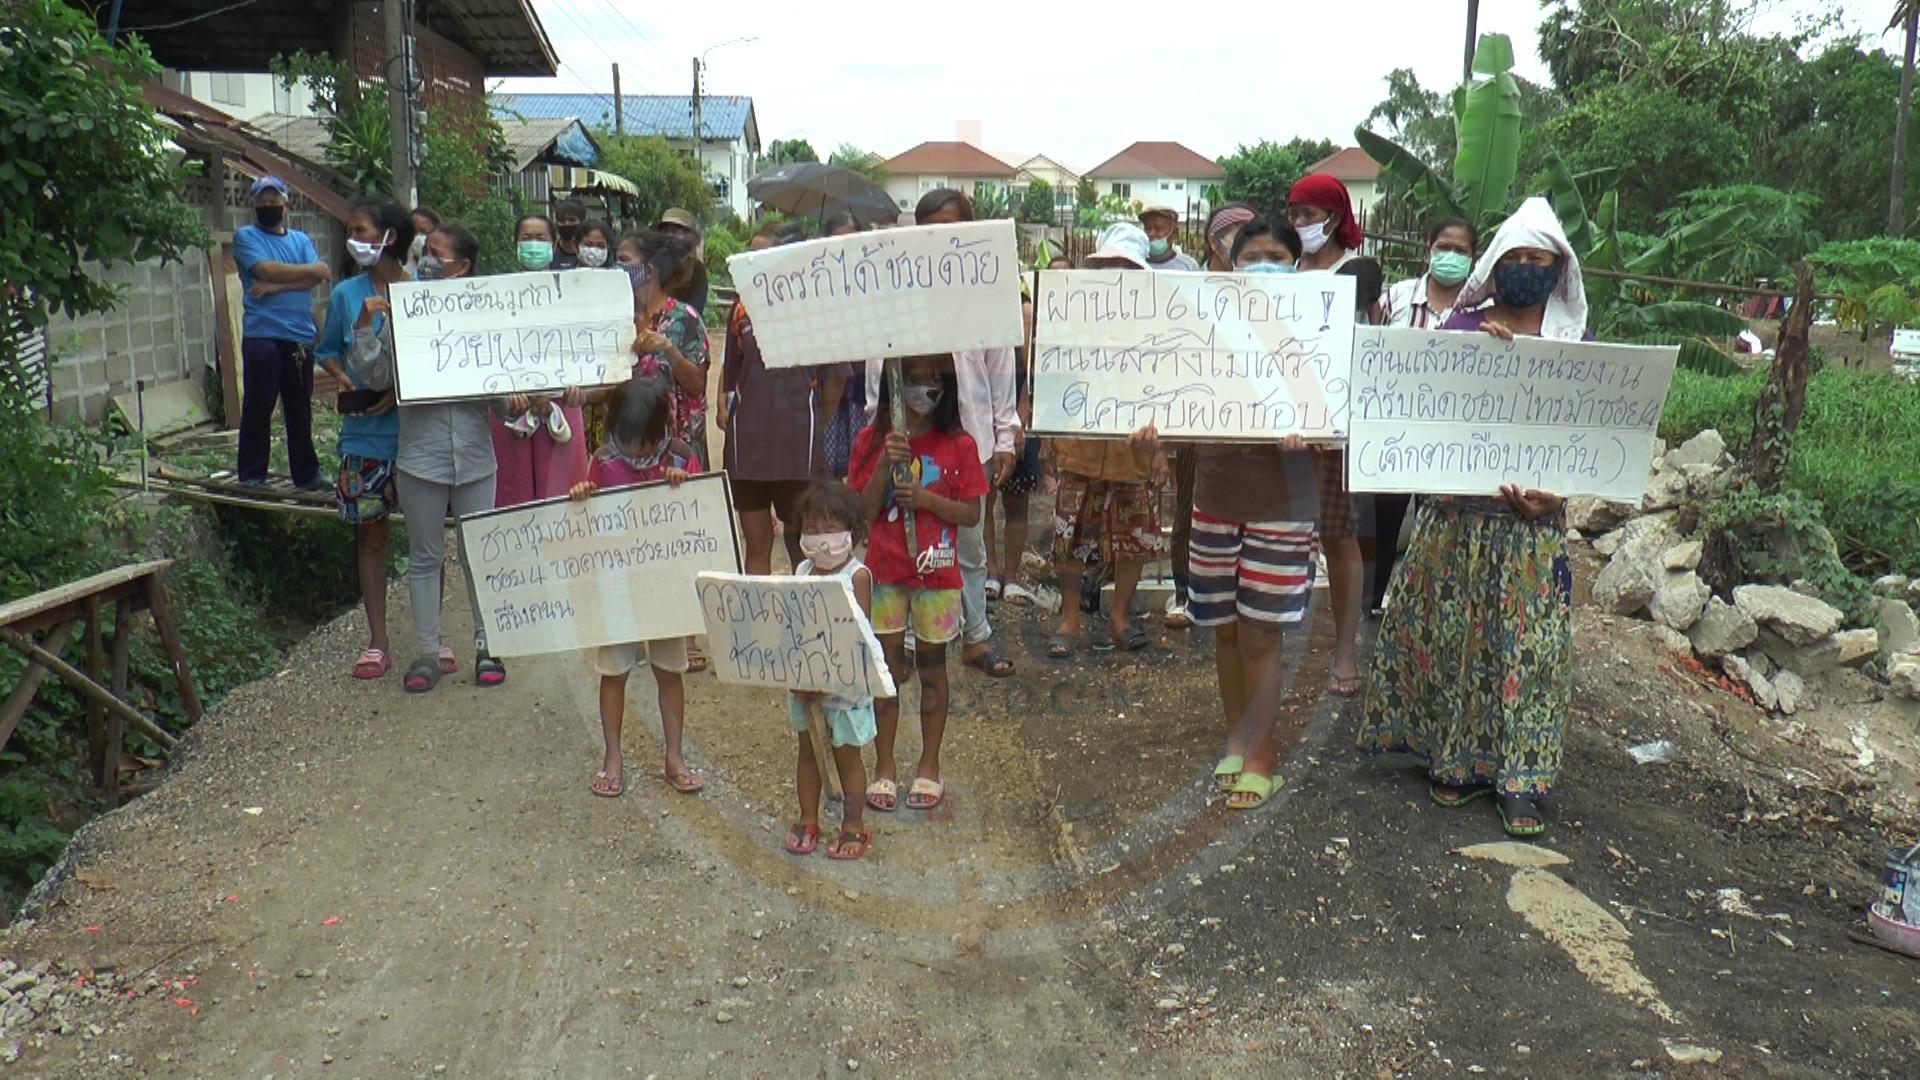 ชาวบ้านสุดทนร้องสื่อ ผู้รับเหมาทิ้งงานทำถนนพัง แถมหน่วยงานรัฐไม่เหลียวแล